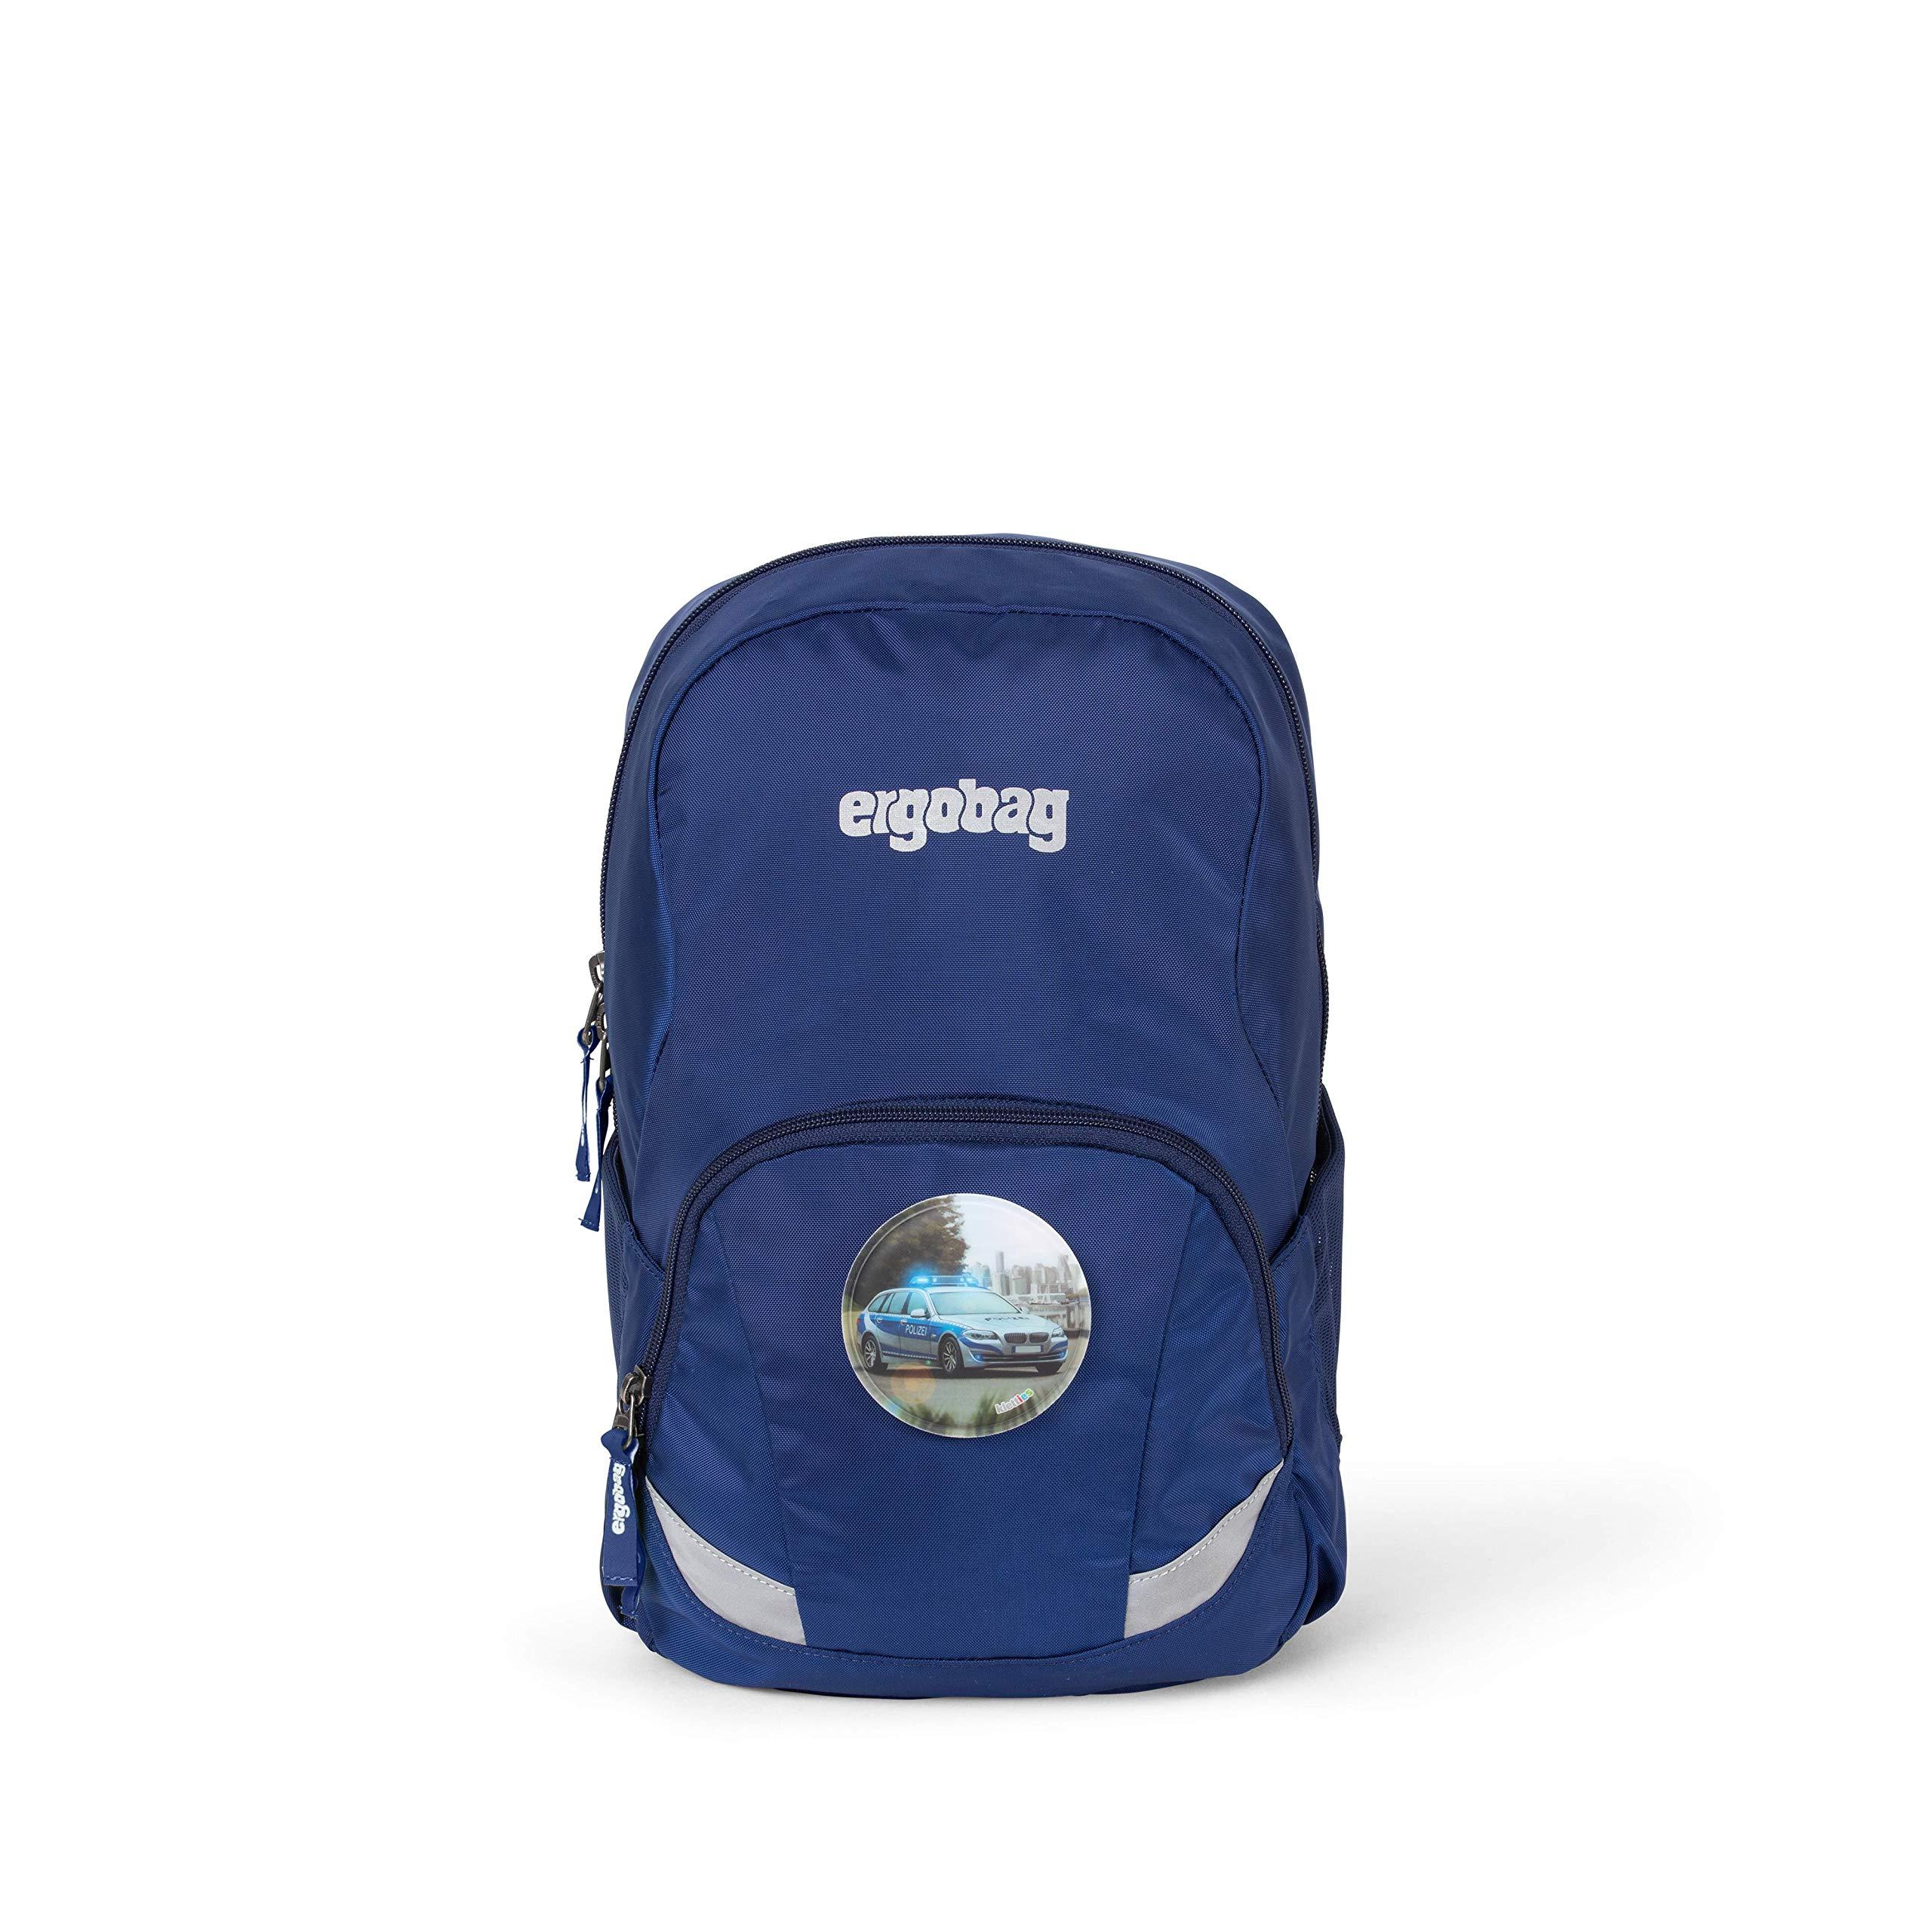 Ergobag Kindertasche blau